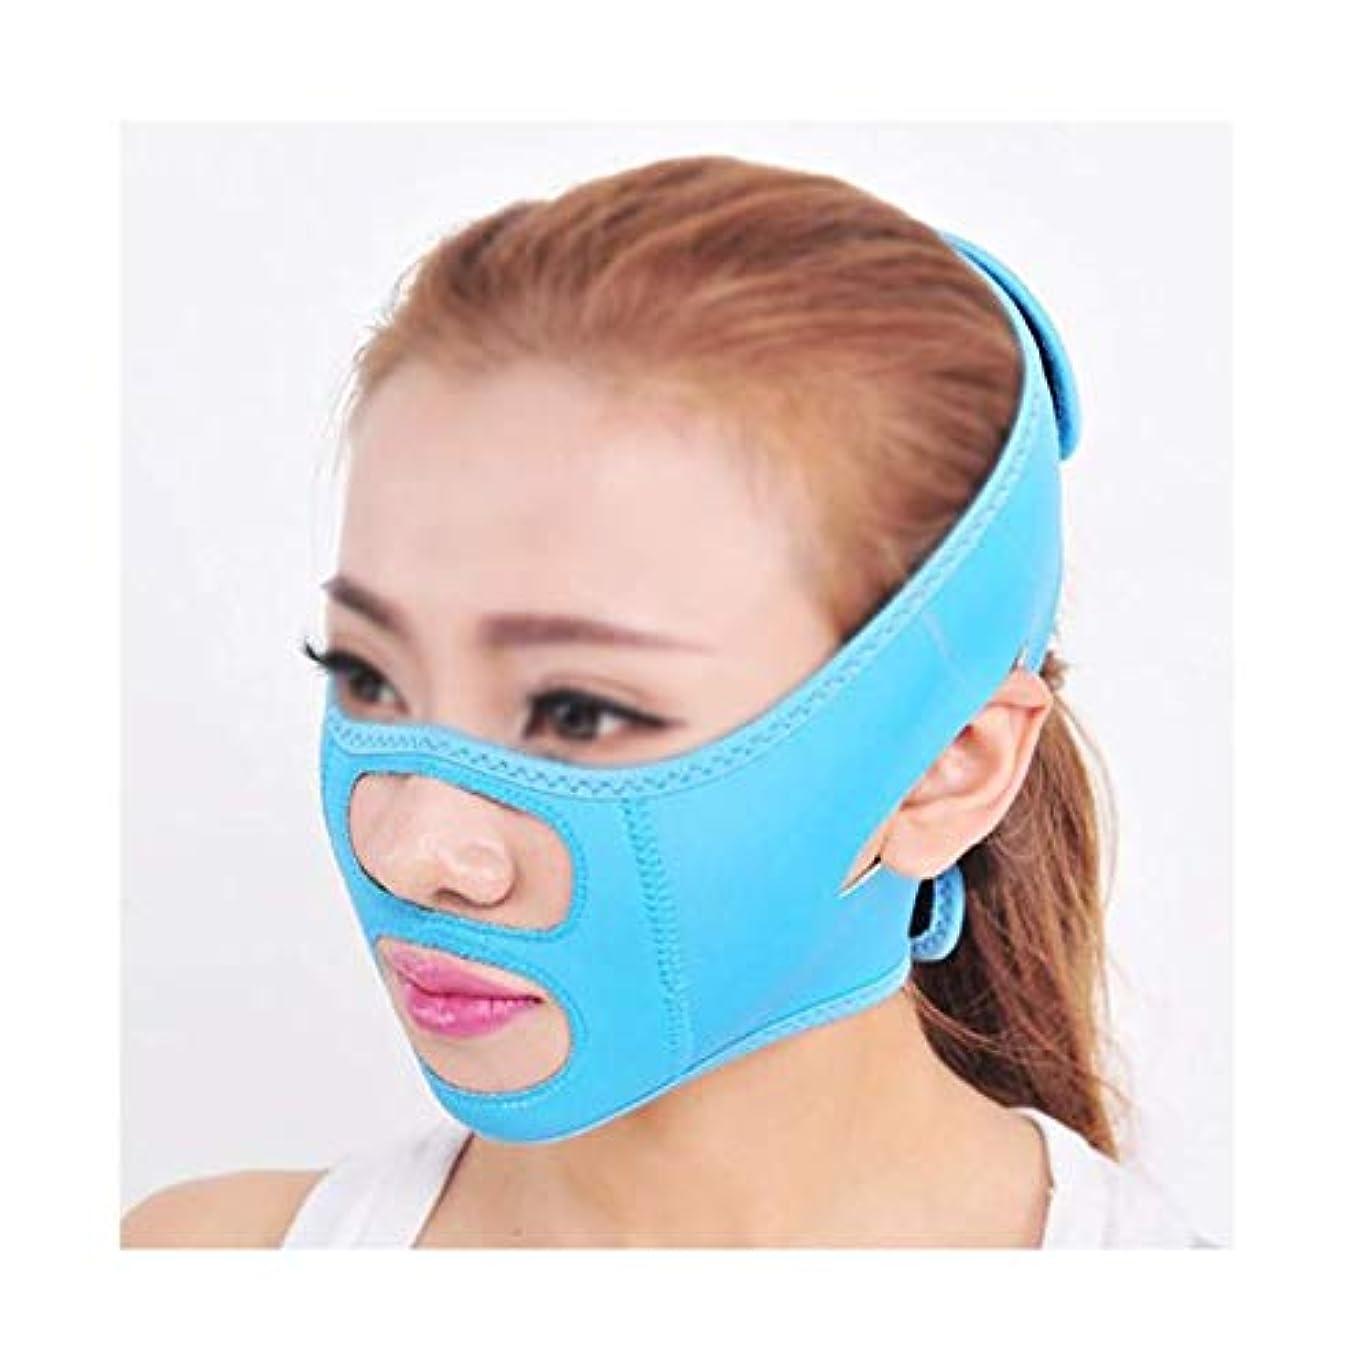 冊子哲学的省略ファーミングフェイスマスク、術後リフティングマスクホーム包帯揺れネットワーク赤女性Vフェイスステッカーストラップ楽器顔アーティファクト(色:青),青